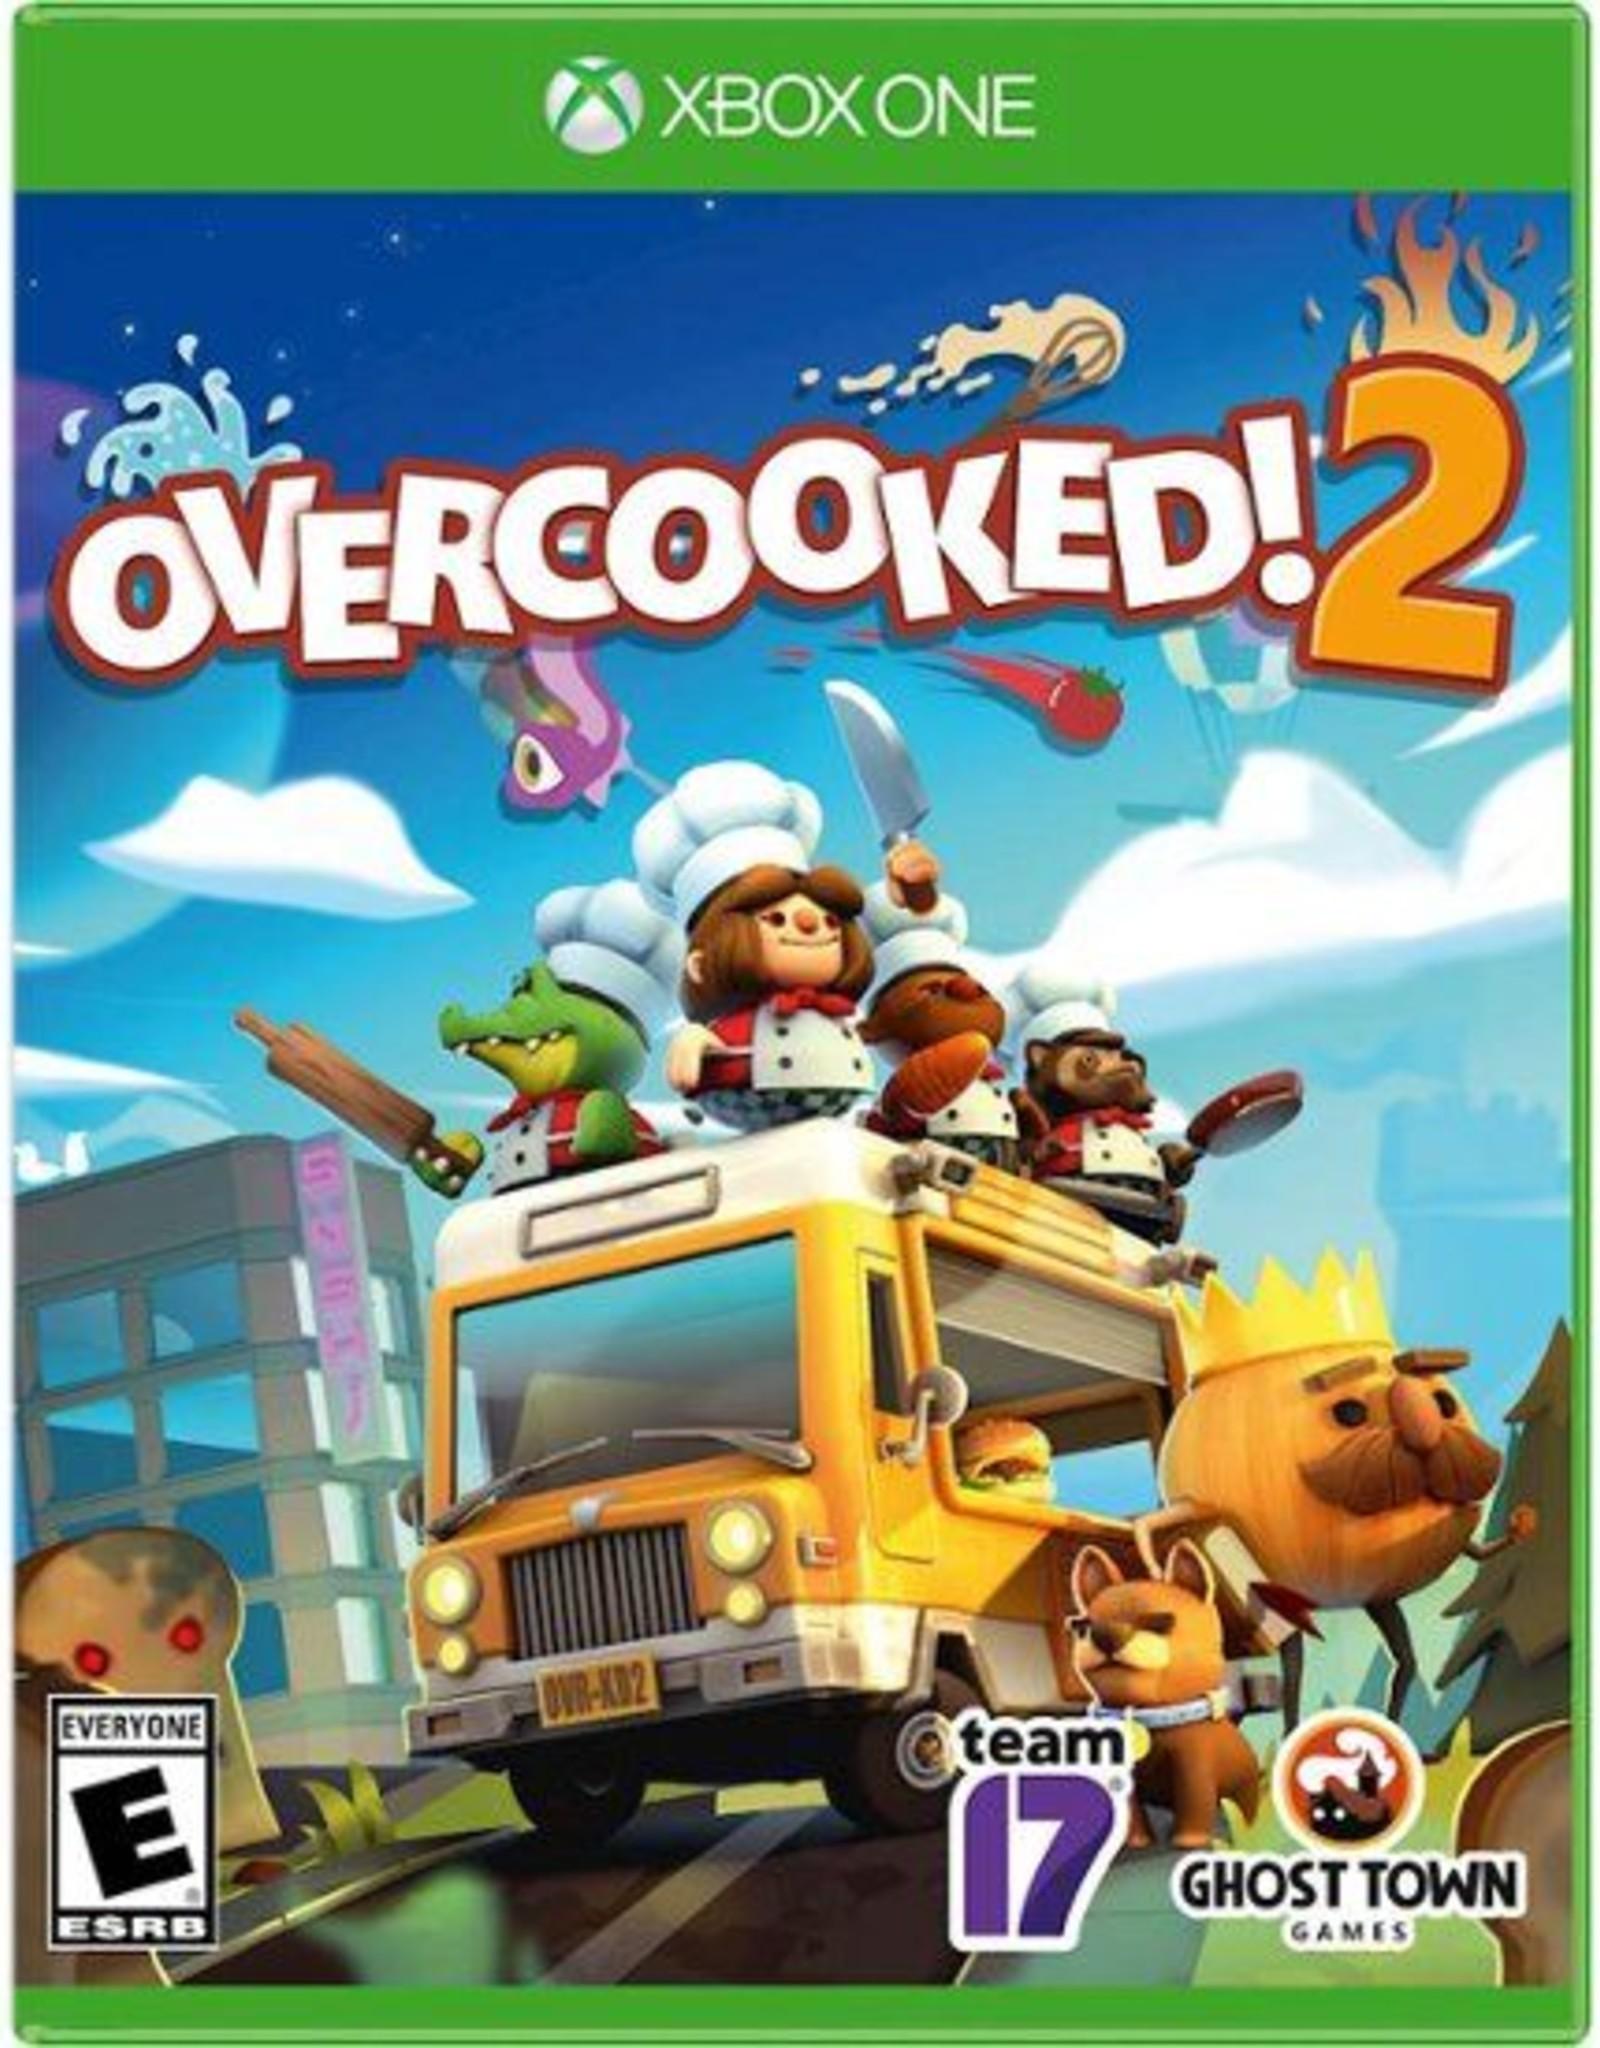 Overcooked! 2 - XBOne DIGITAL